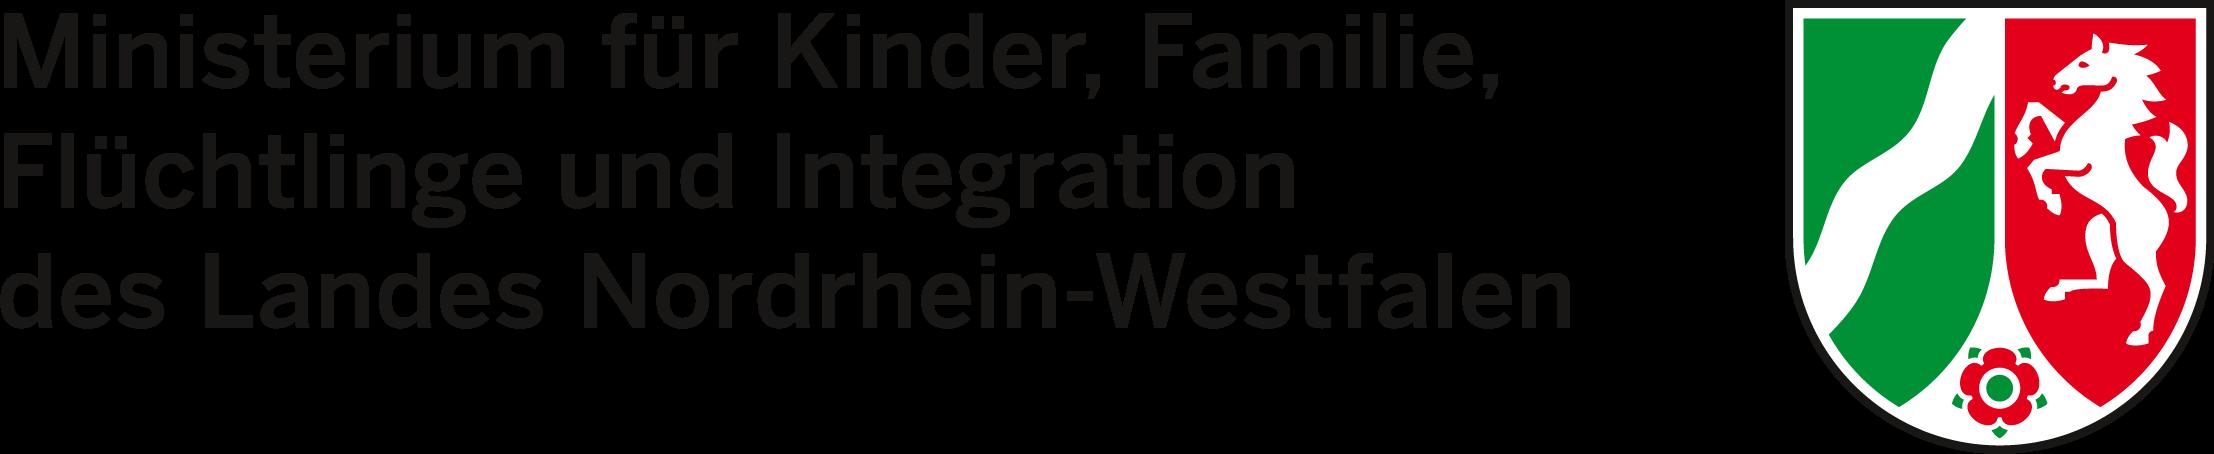 Logo des Ministeriums für Kinder, Familie, Flüchtlinge, Integration NRW